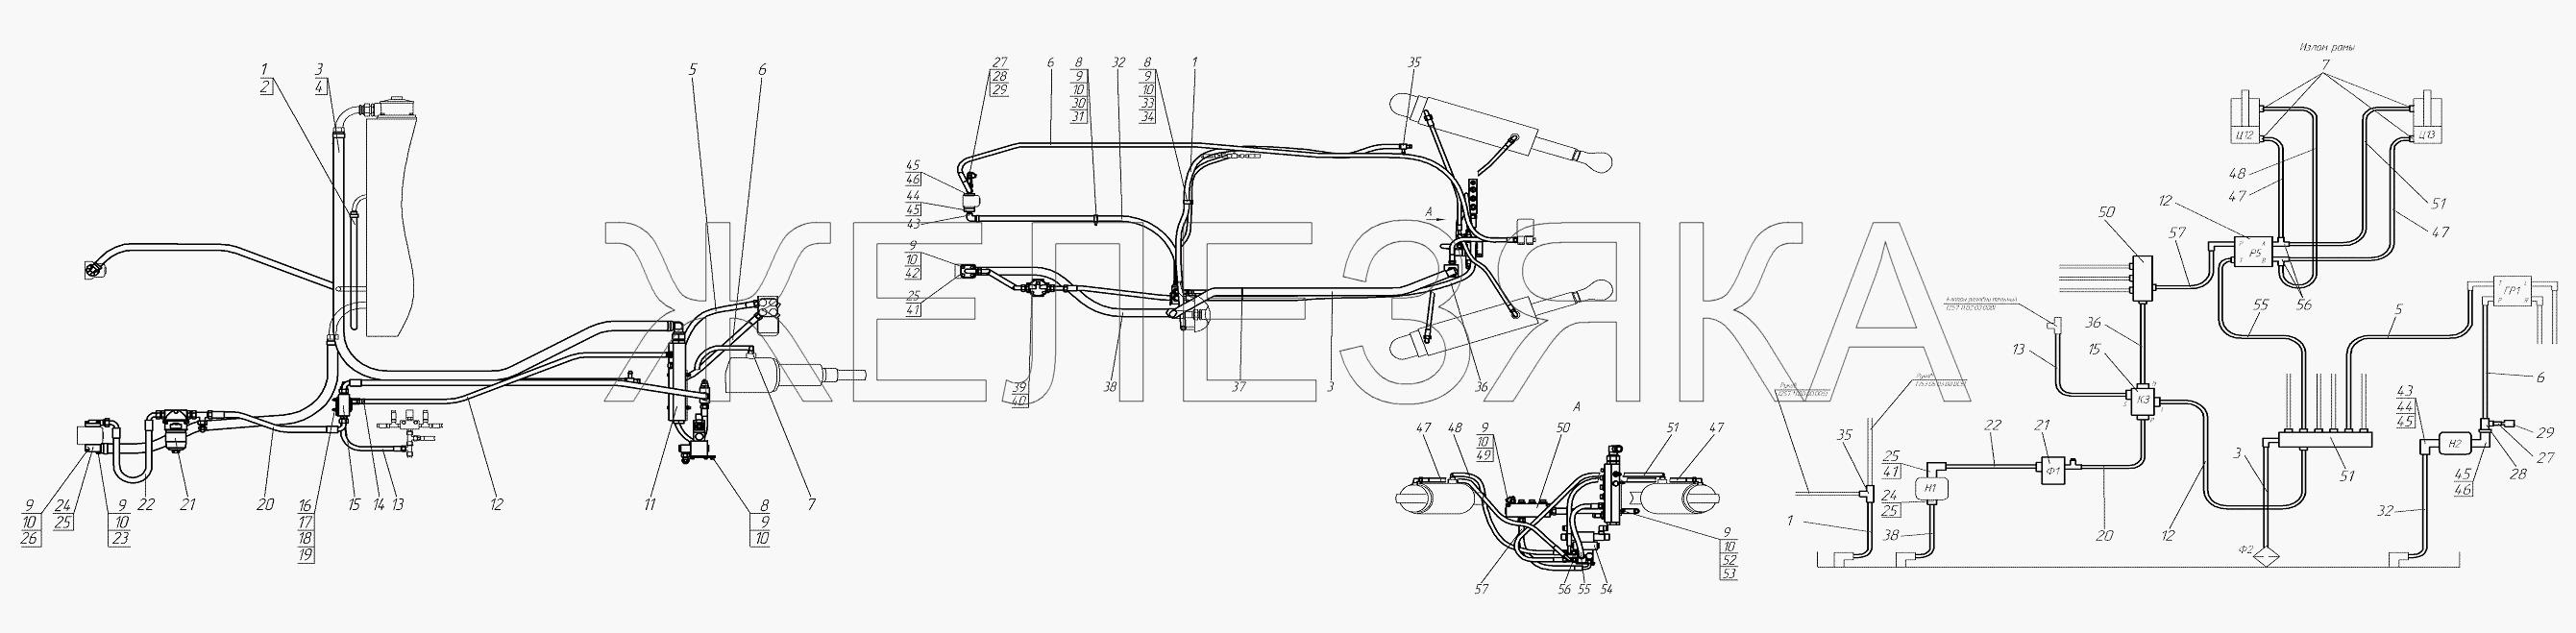 Гидросистема от автогрейдера ГС-25.09 title=